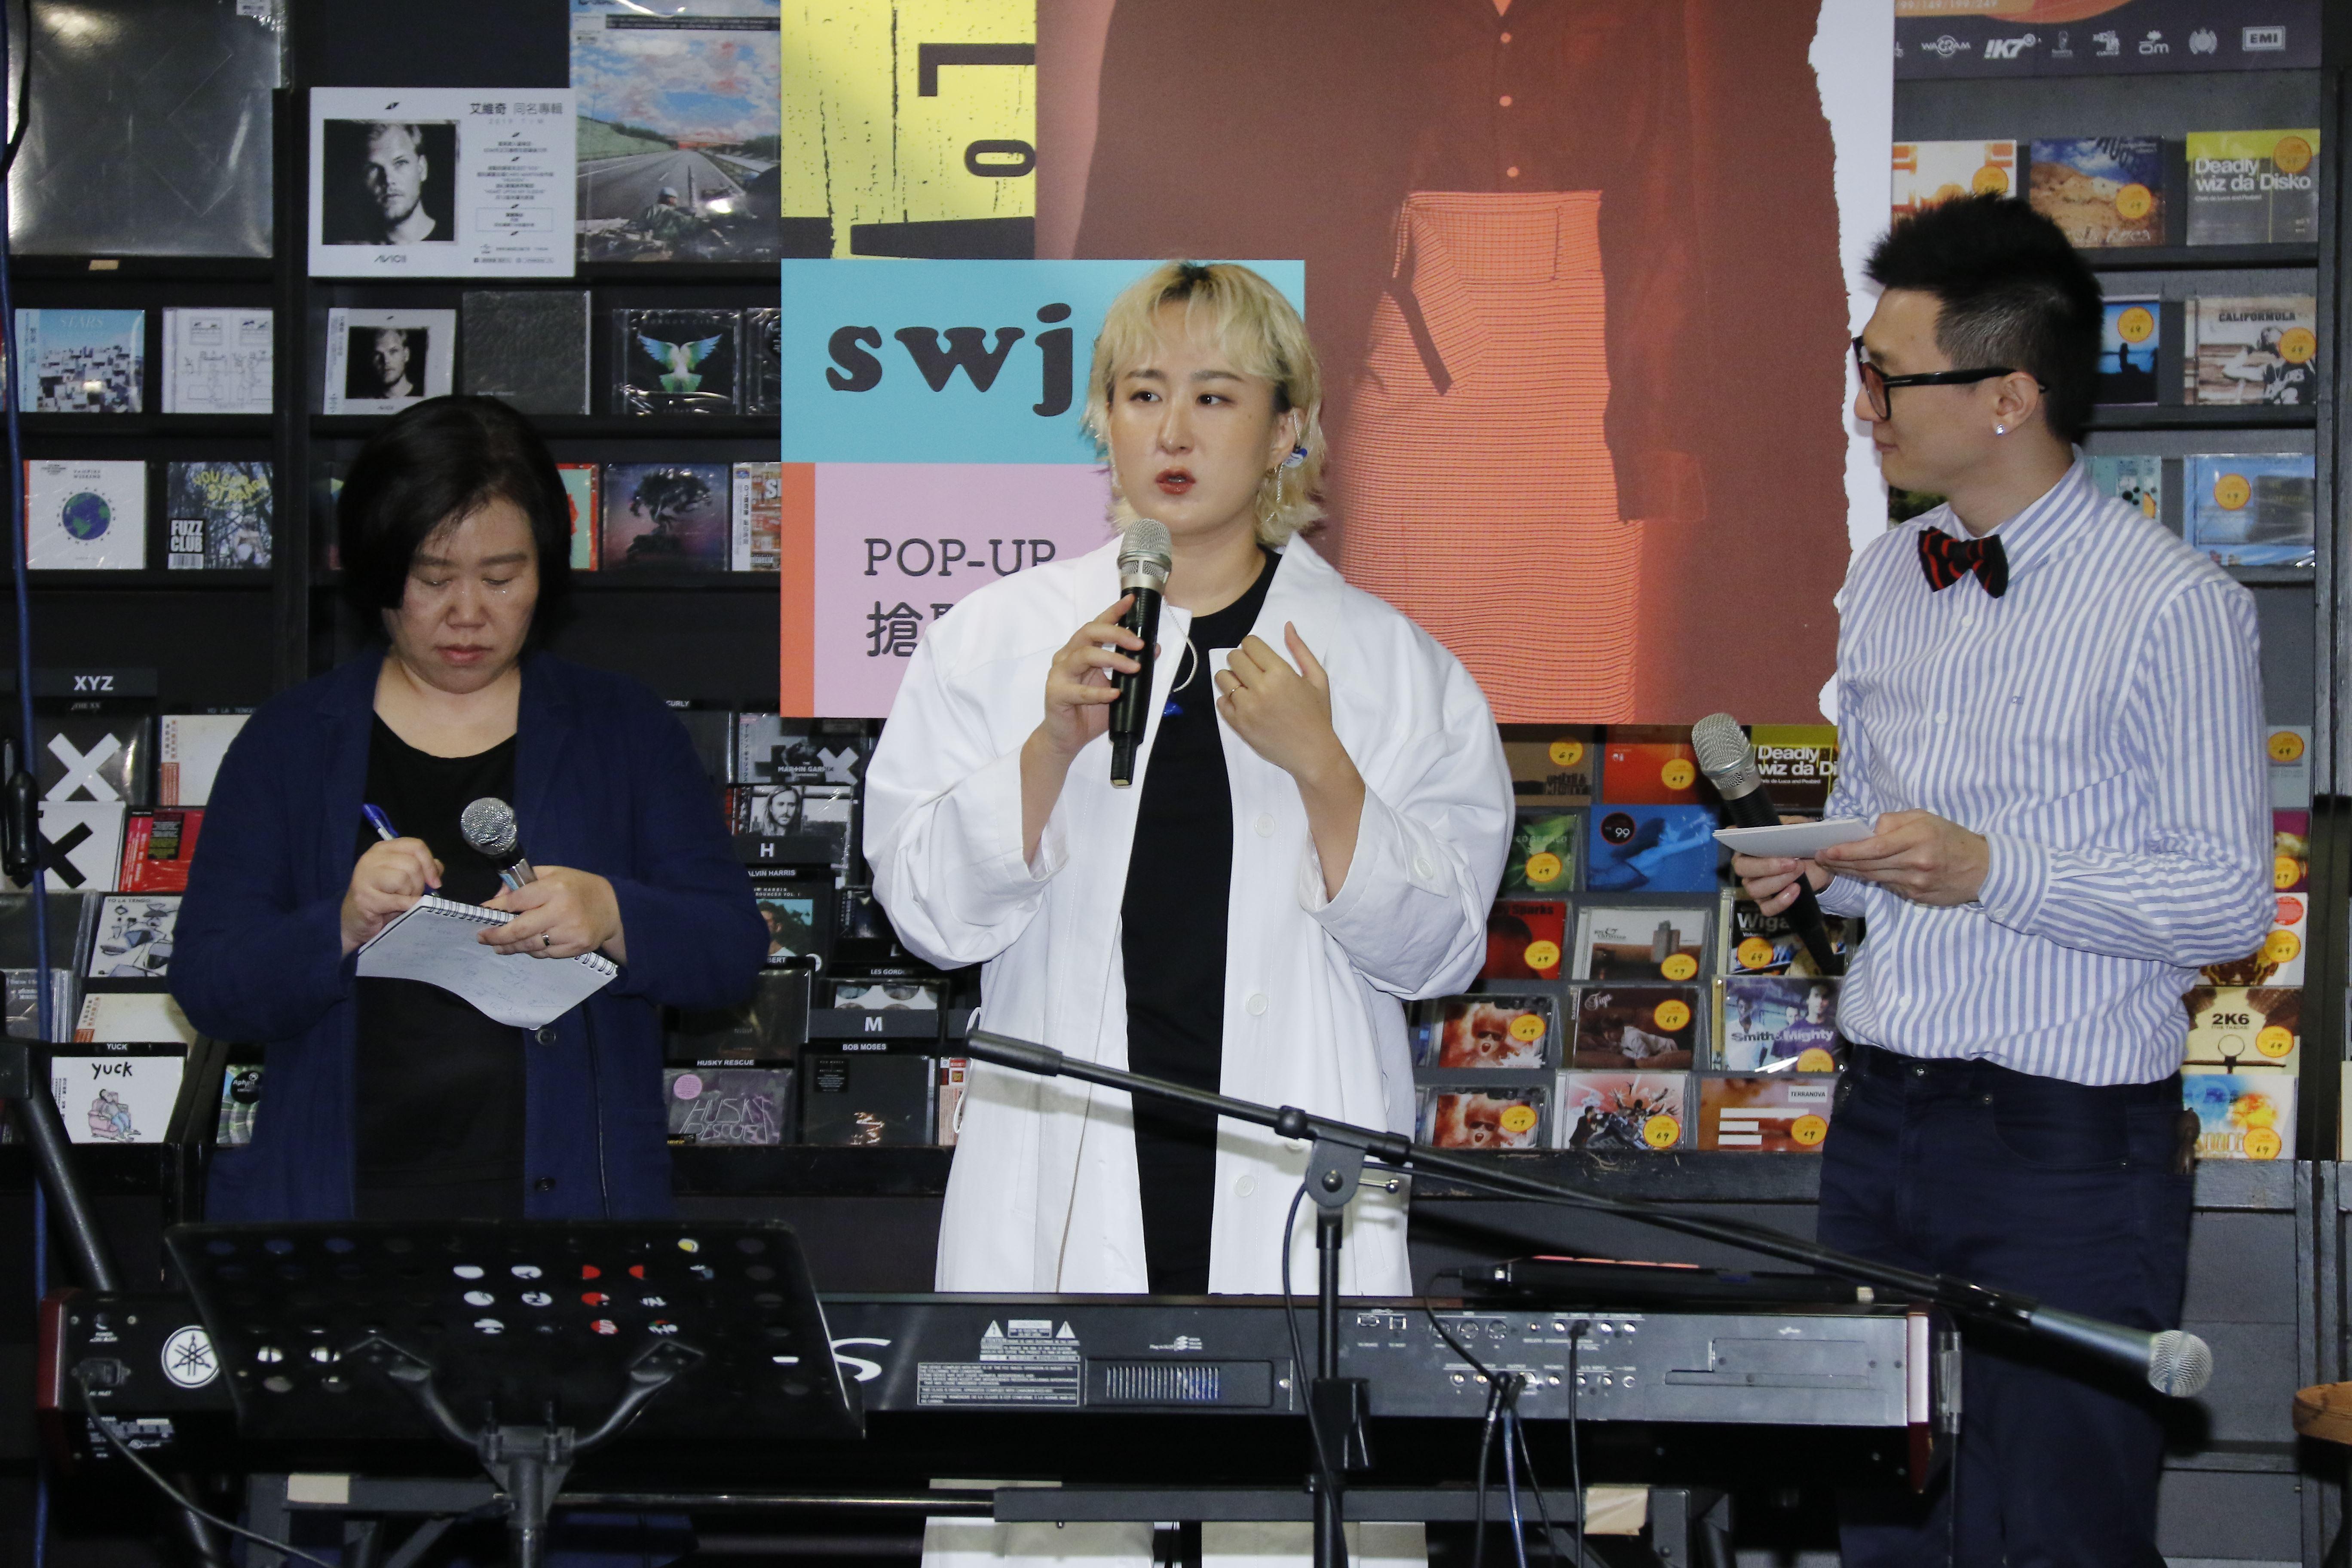 鮮于貞娥提前來台舉辦「鮮于貞娥pop-up搶聽會」。(圖/記者林聖凱攝影)